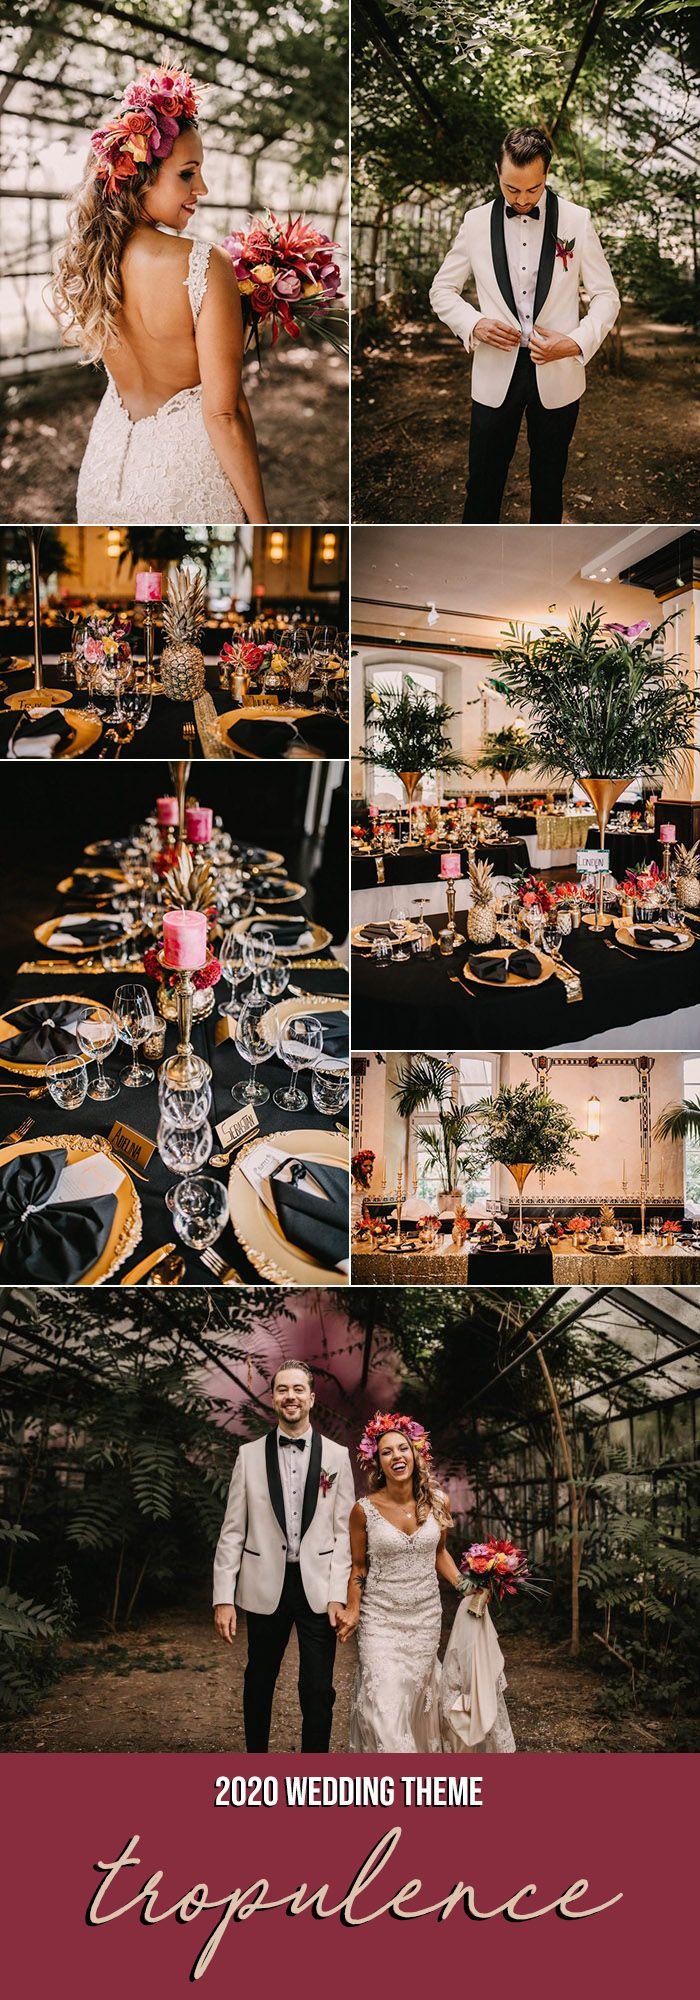 110 Themed Wedding Ideas in 2021 | wedding, wedding themes, perfect wedding